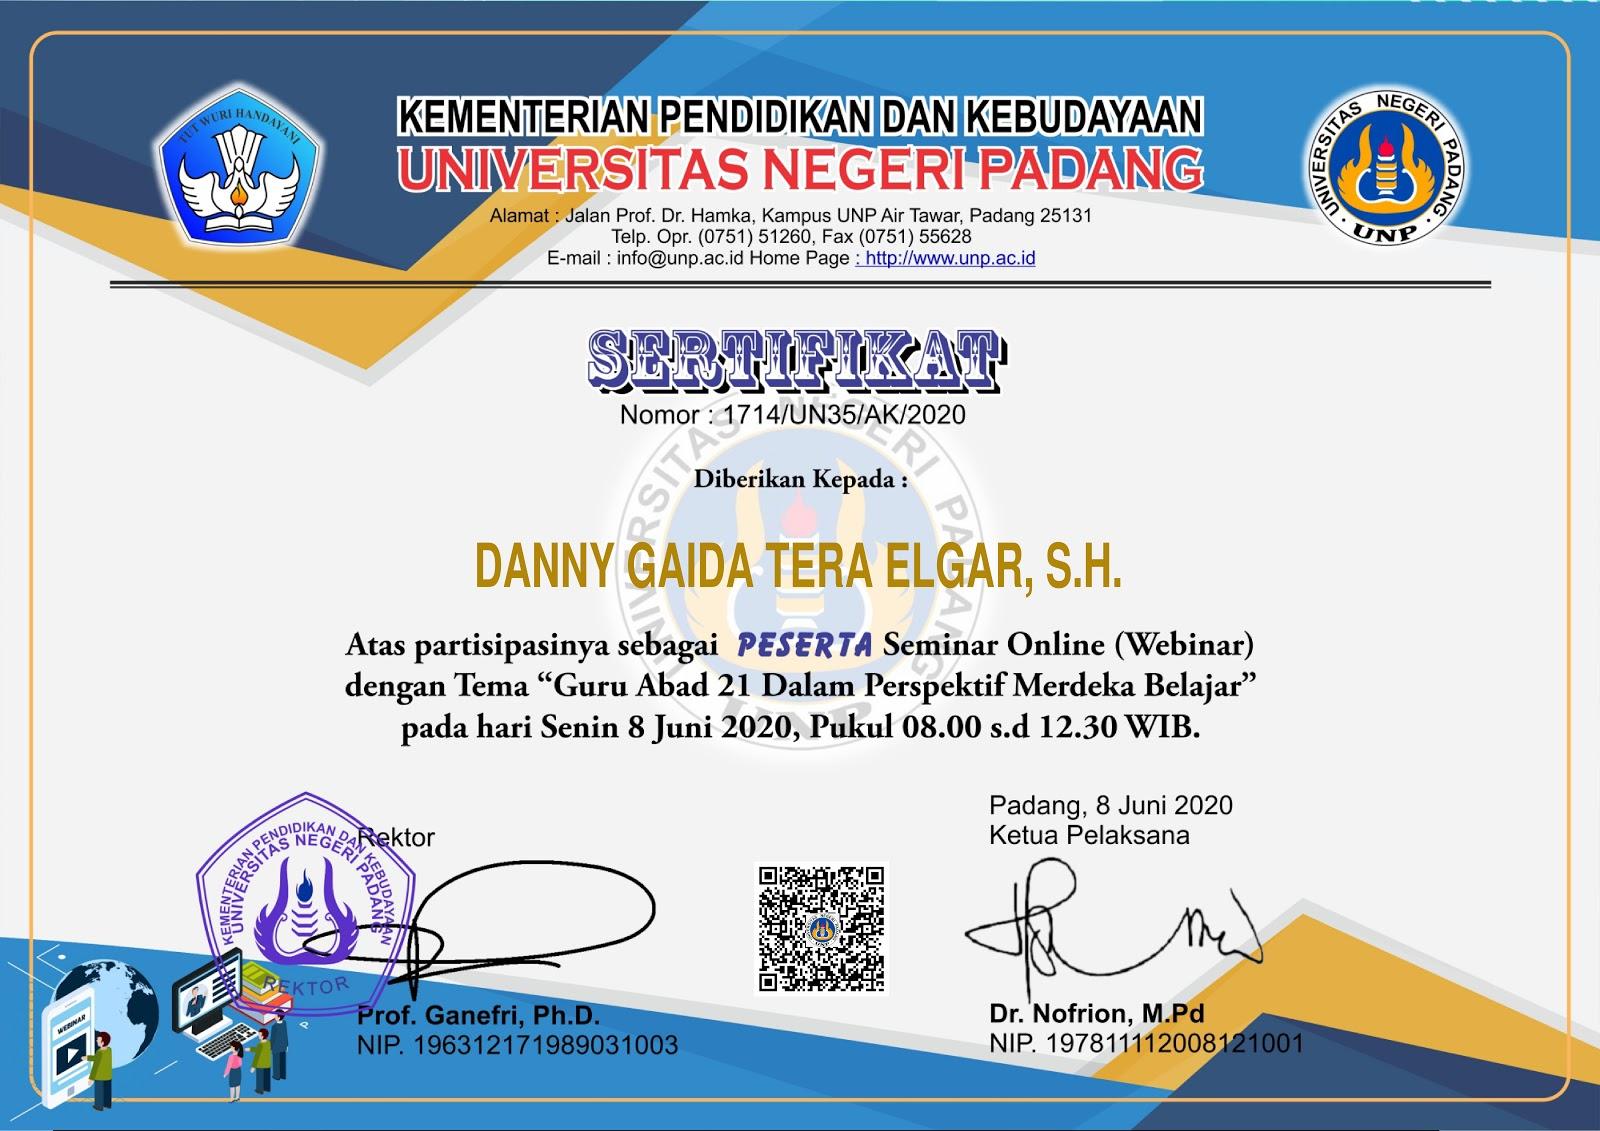 Sertifikat Seminar Online Kementerian Pendidikan dan Kebudayaan Republik Indonesia (Kemendikbud) | Universitas Negeri Padang (UNP) | 8 Juni 2020